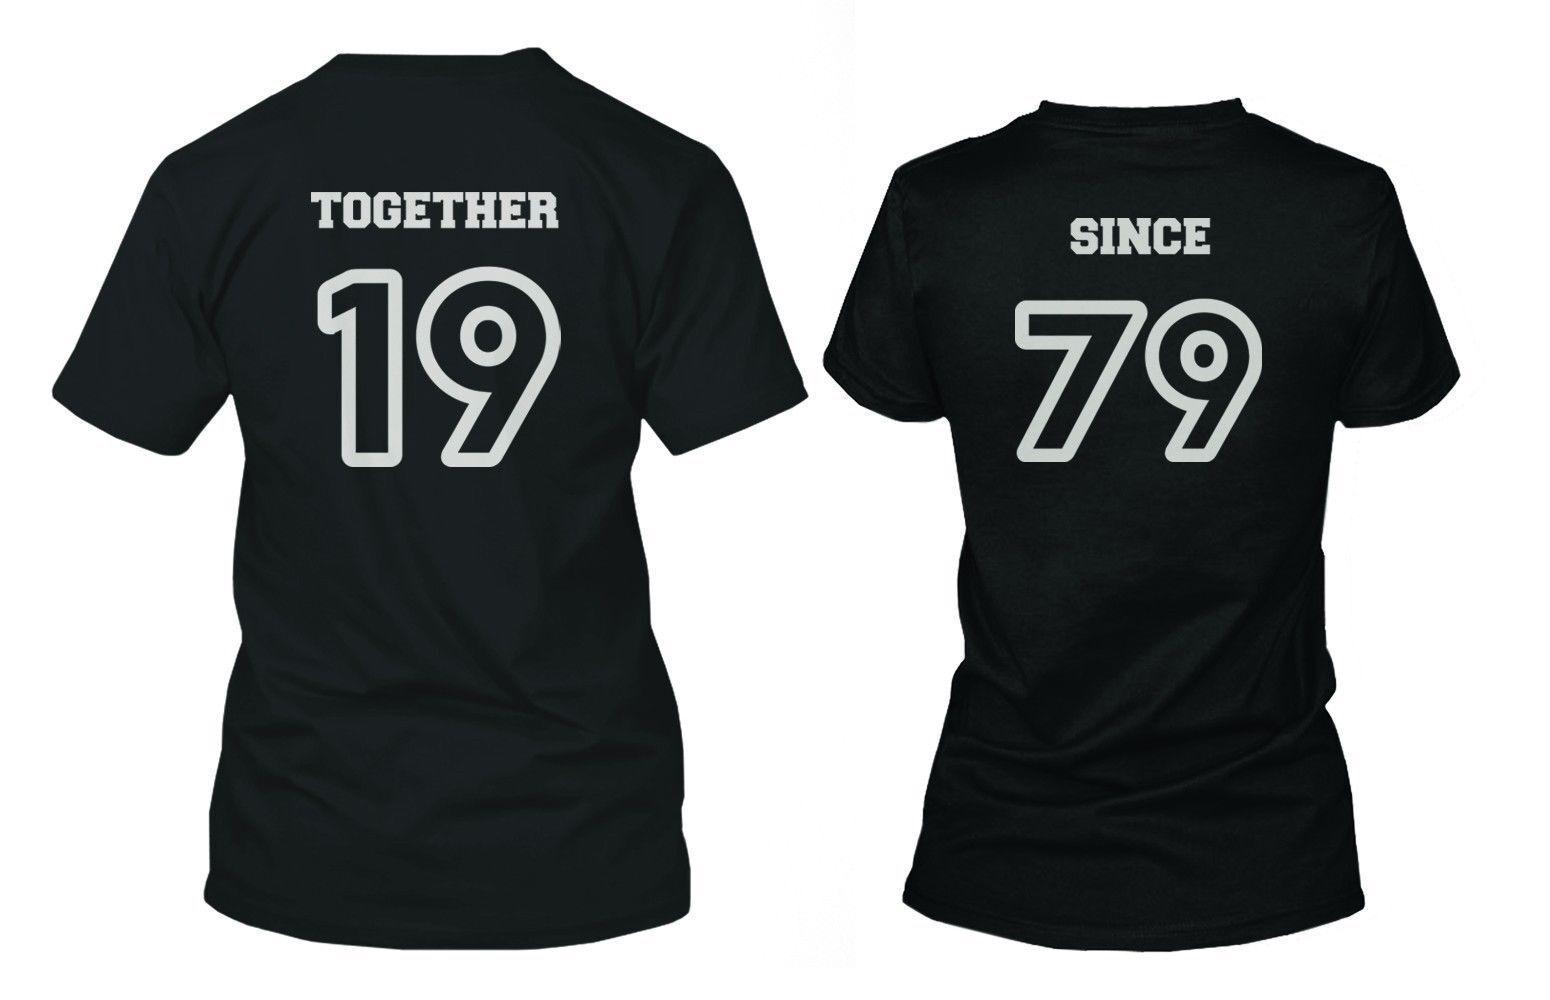 Matching Personalized T-Shirts